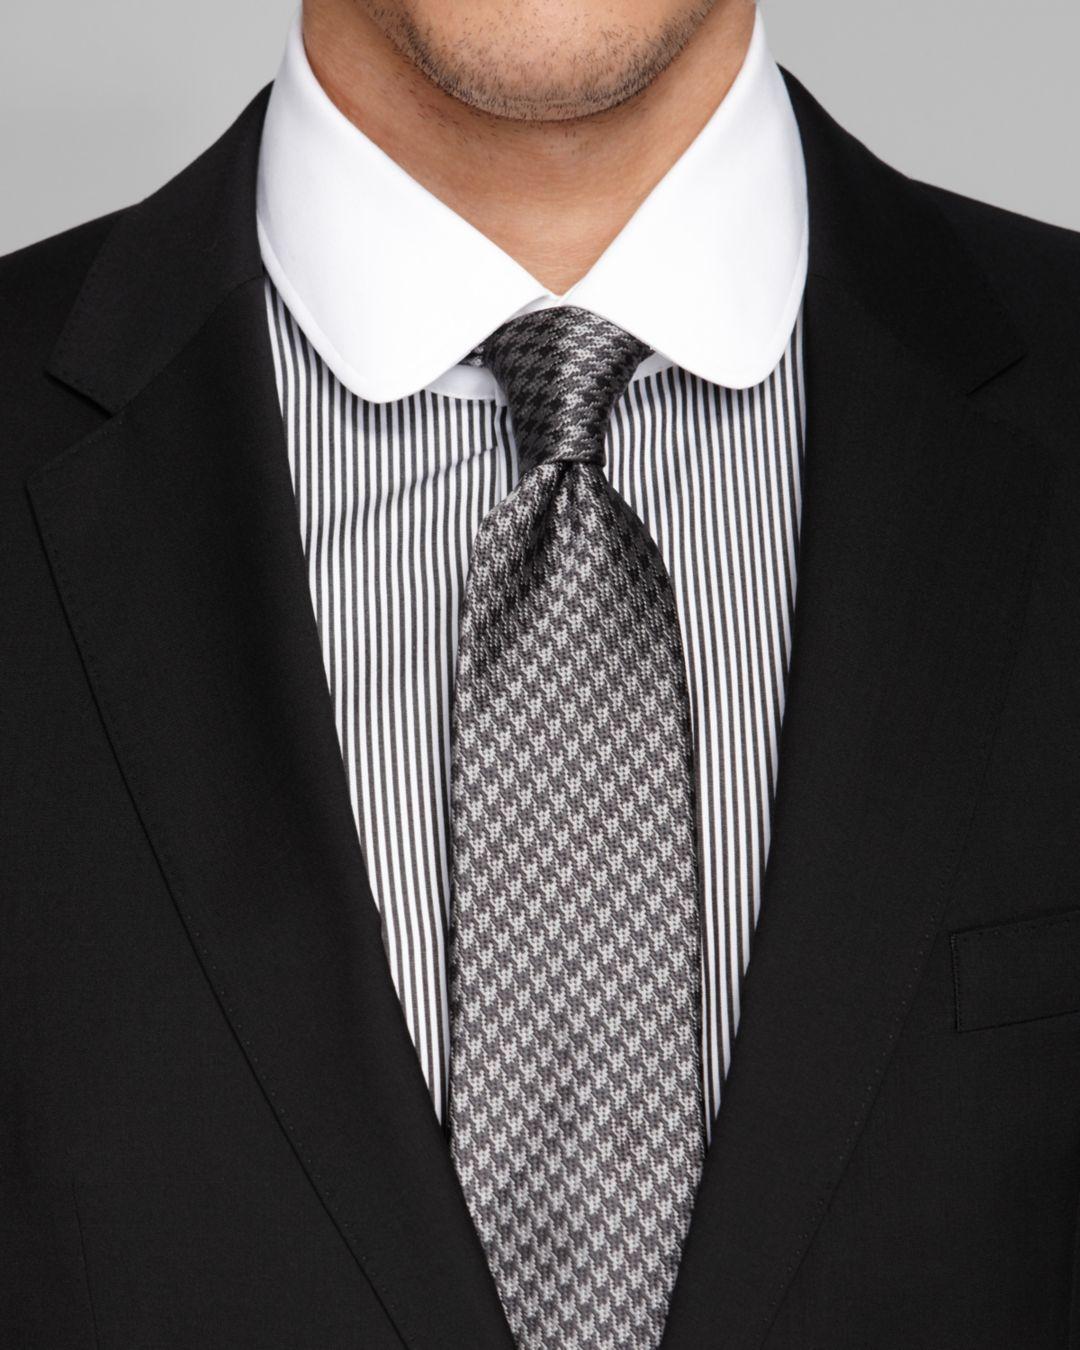 95246d9b6 Lyst - BOSS Boss James/sharp Suit - Regular Fit in Black for Men